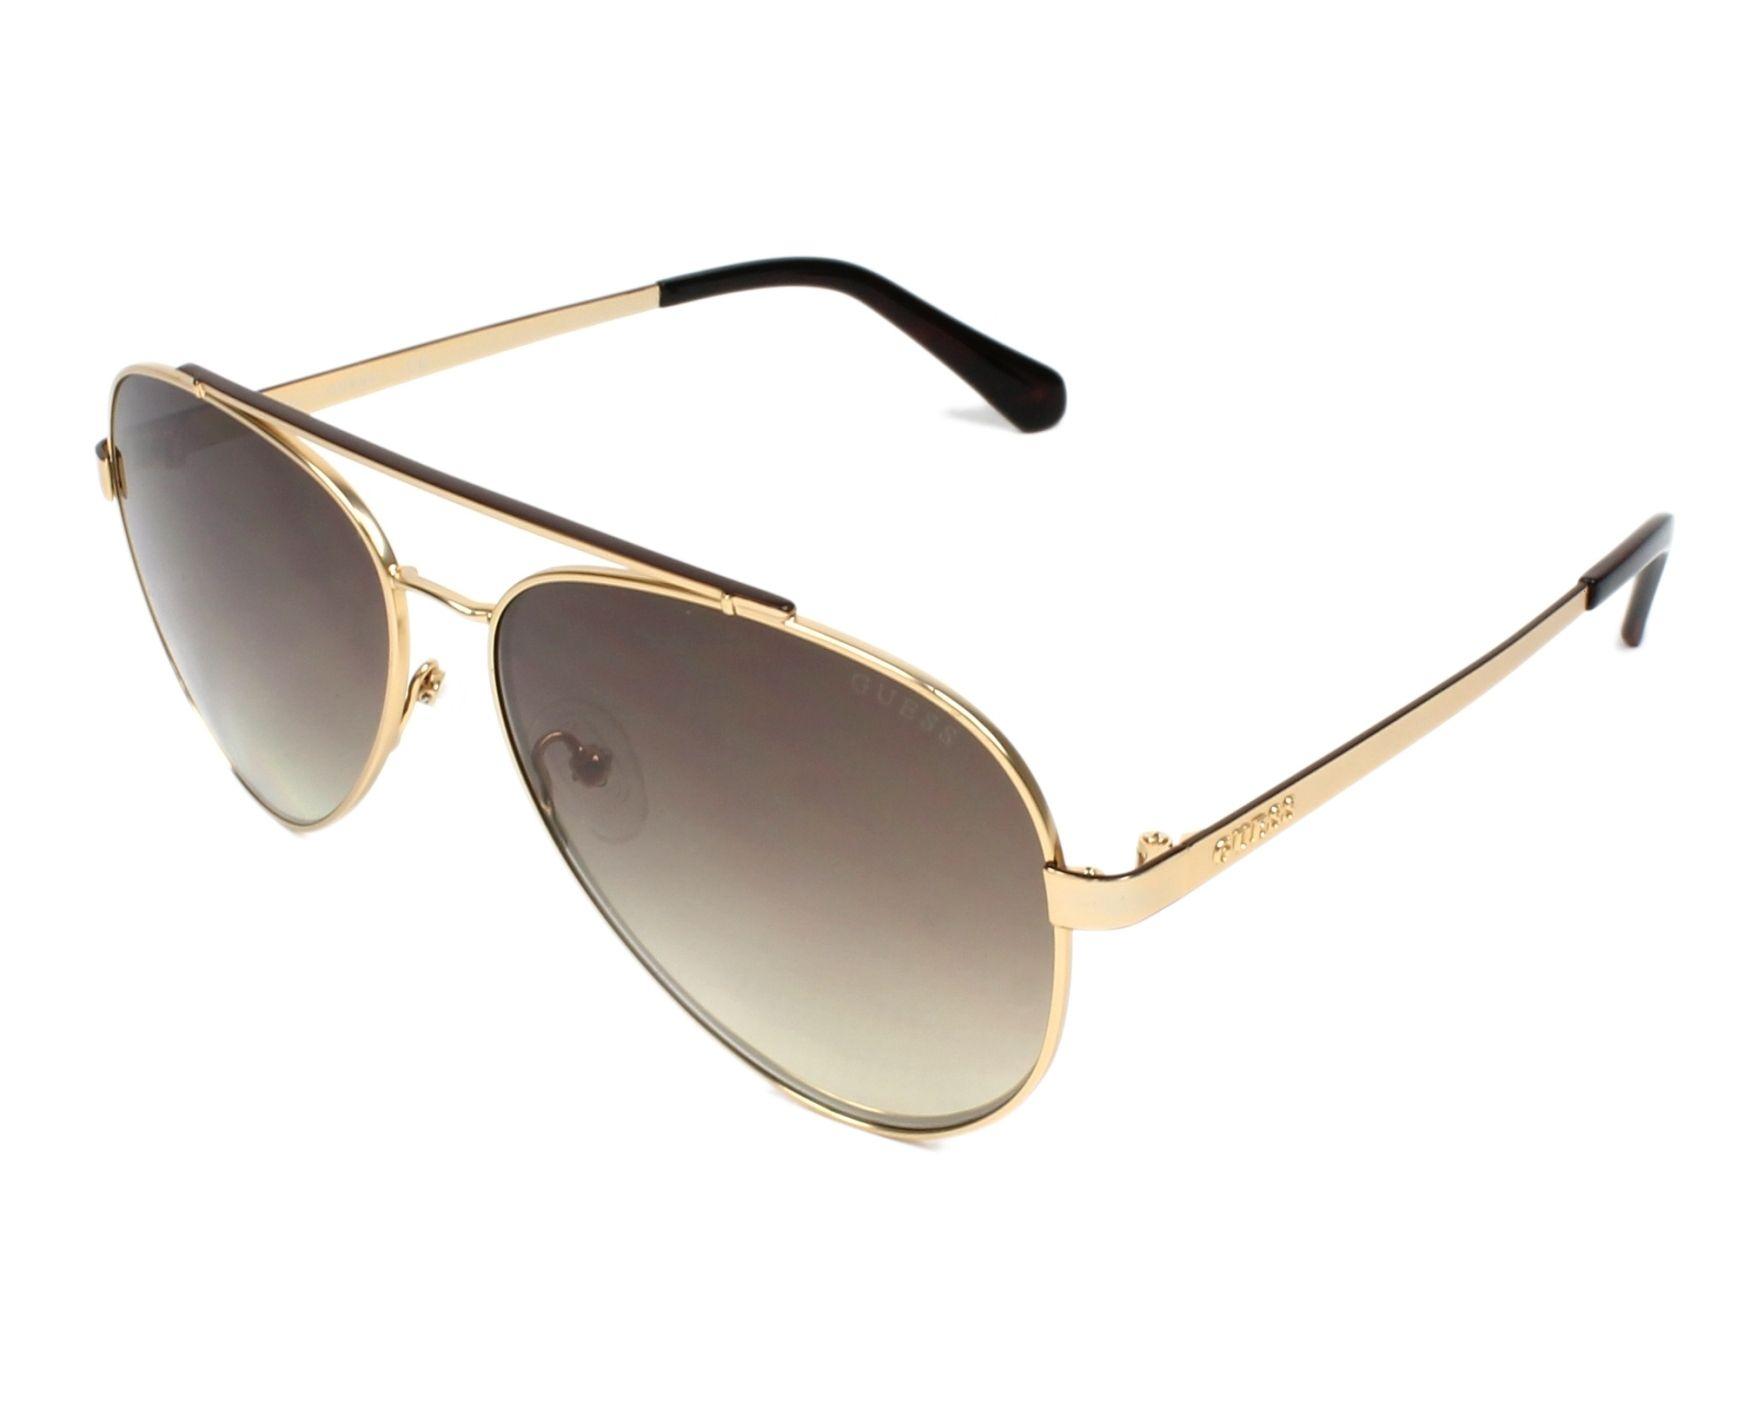 ae35a4e66e9 Sunglasses Guess GU-6918 32G 59-14 Gold profile view